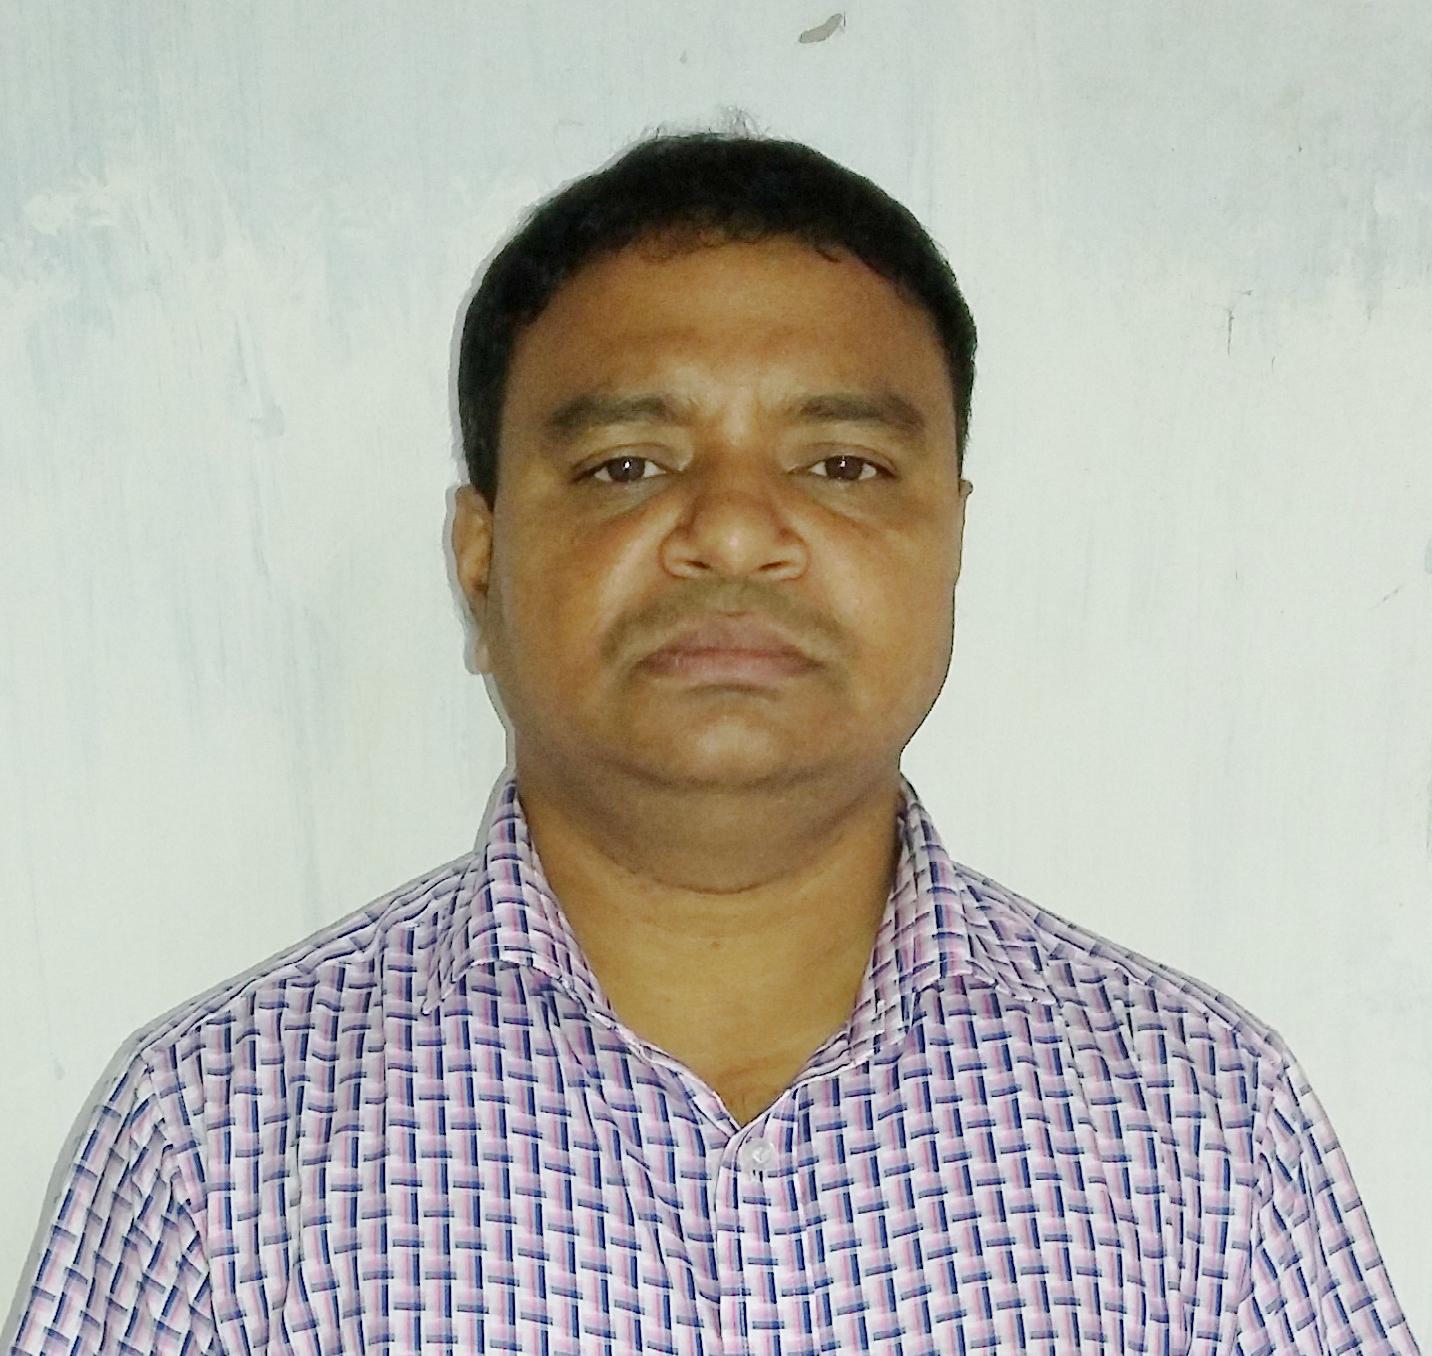 বিপ্লব কুমার সরকার